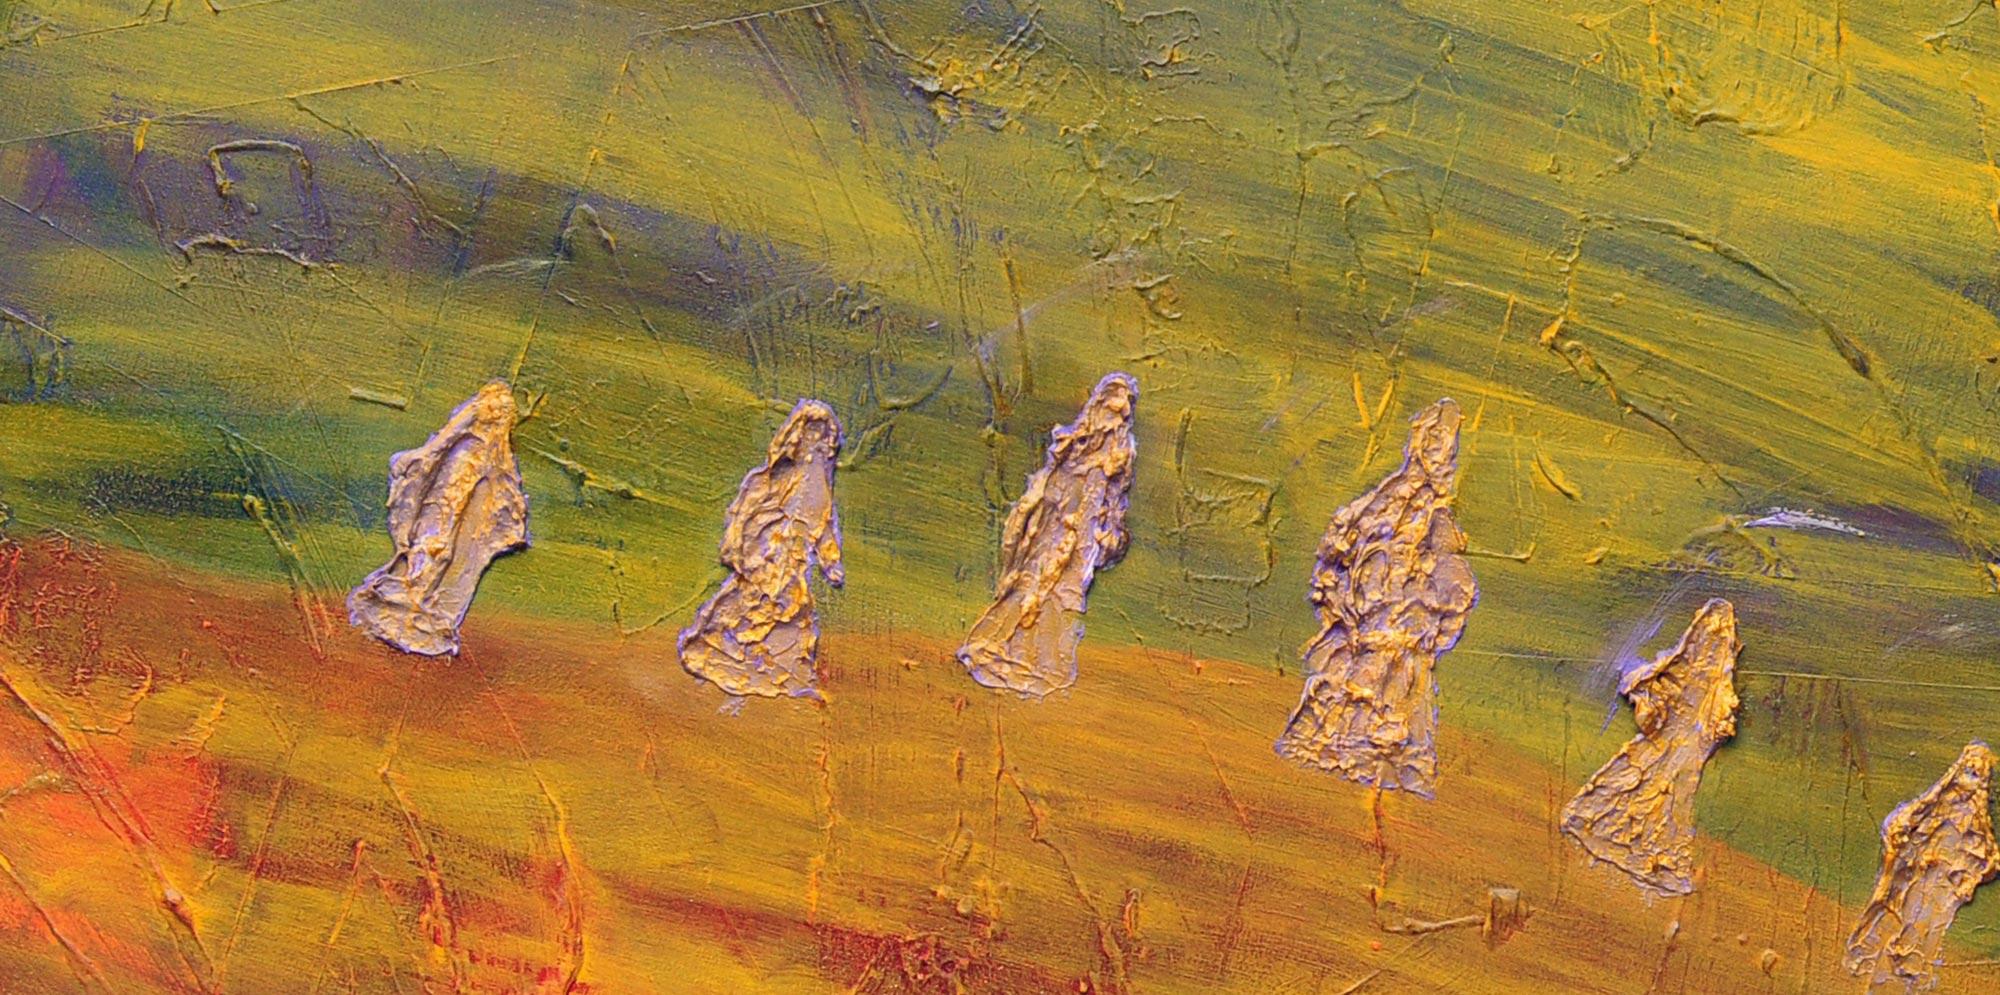 Caminando en el desierto - Elisa Levame